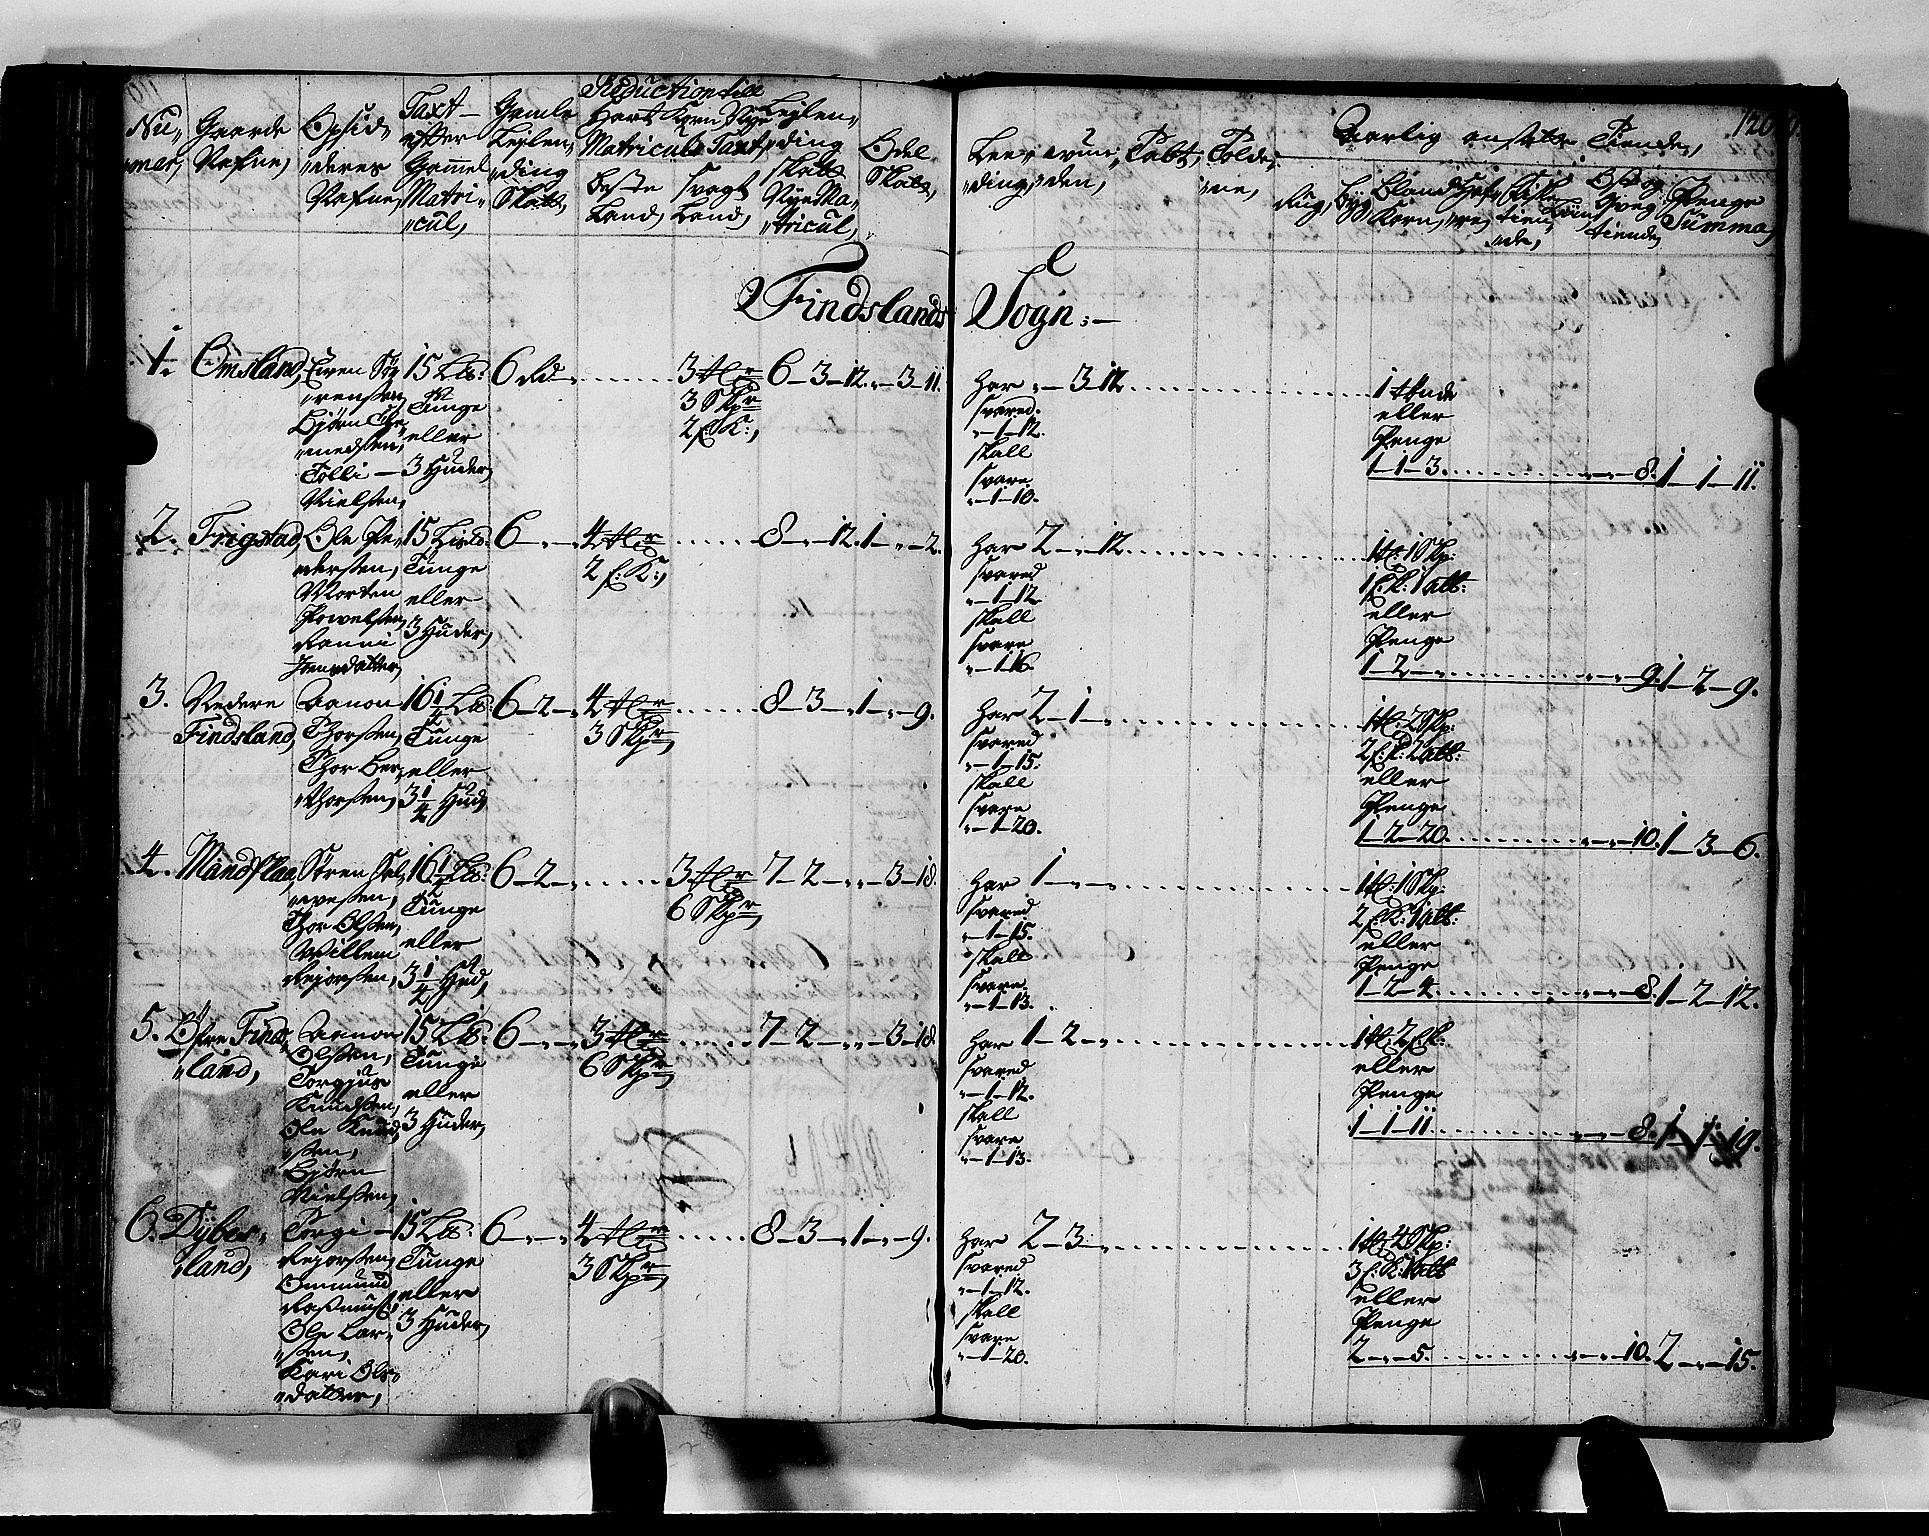 RA, Rentekammeret inntil 1814, Realistisk ordnet avdeling, N/Nb/Nbf/L0128: Mandal matrikkelprotokoll, 1723, s. 119b-120a